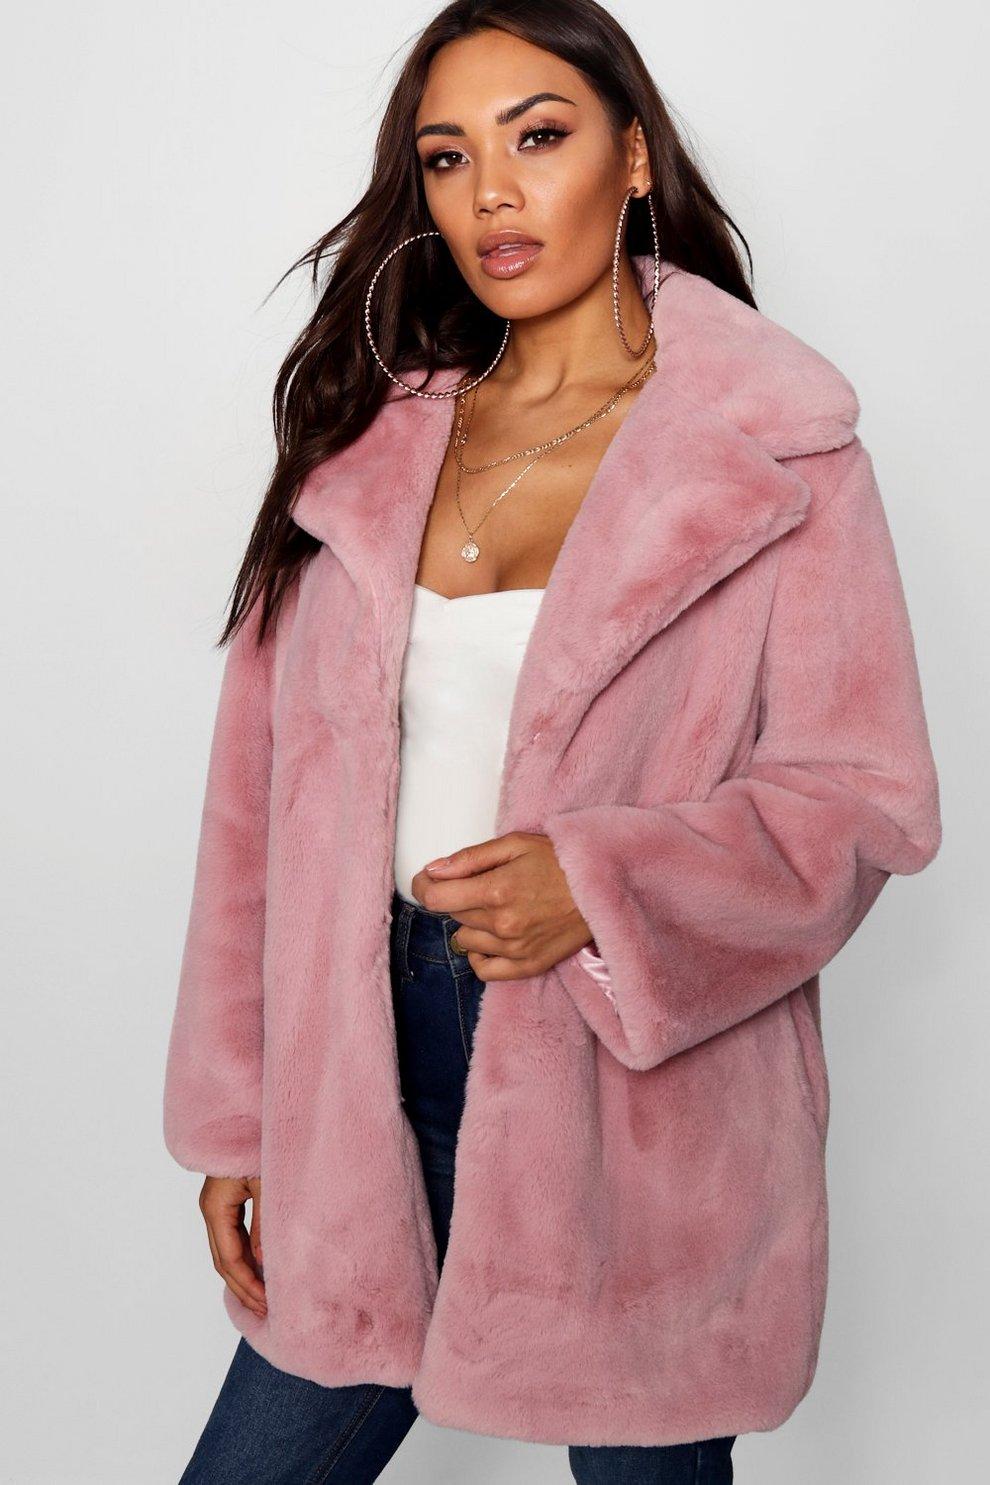 9cadad0bfbdb4 Boohoo Fur Coats - Tradingbasis